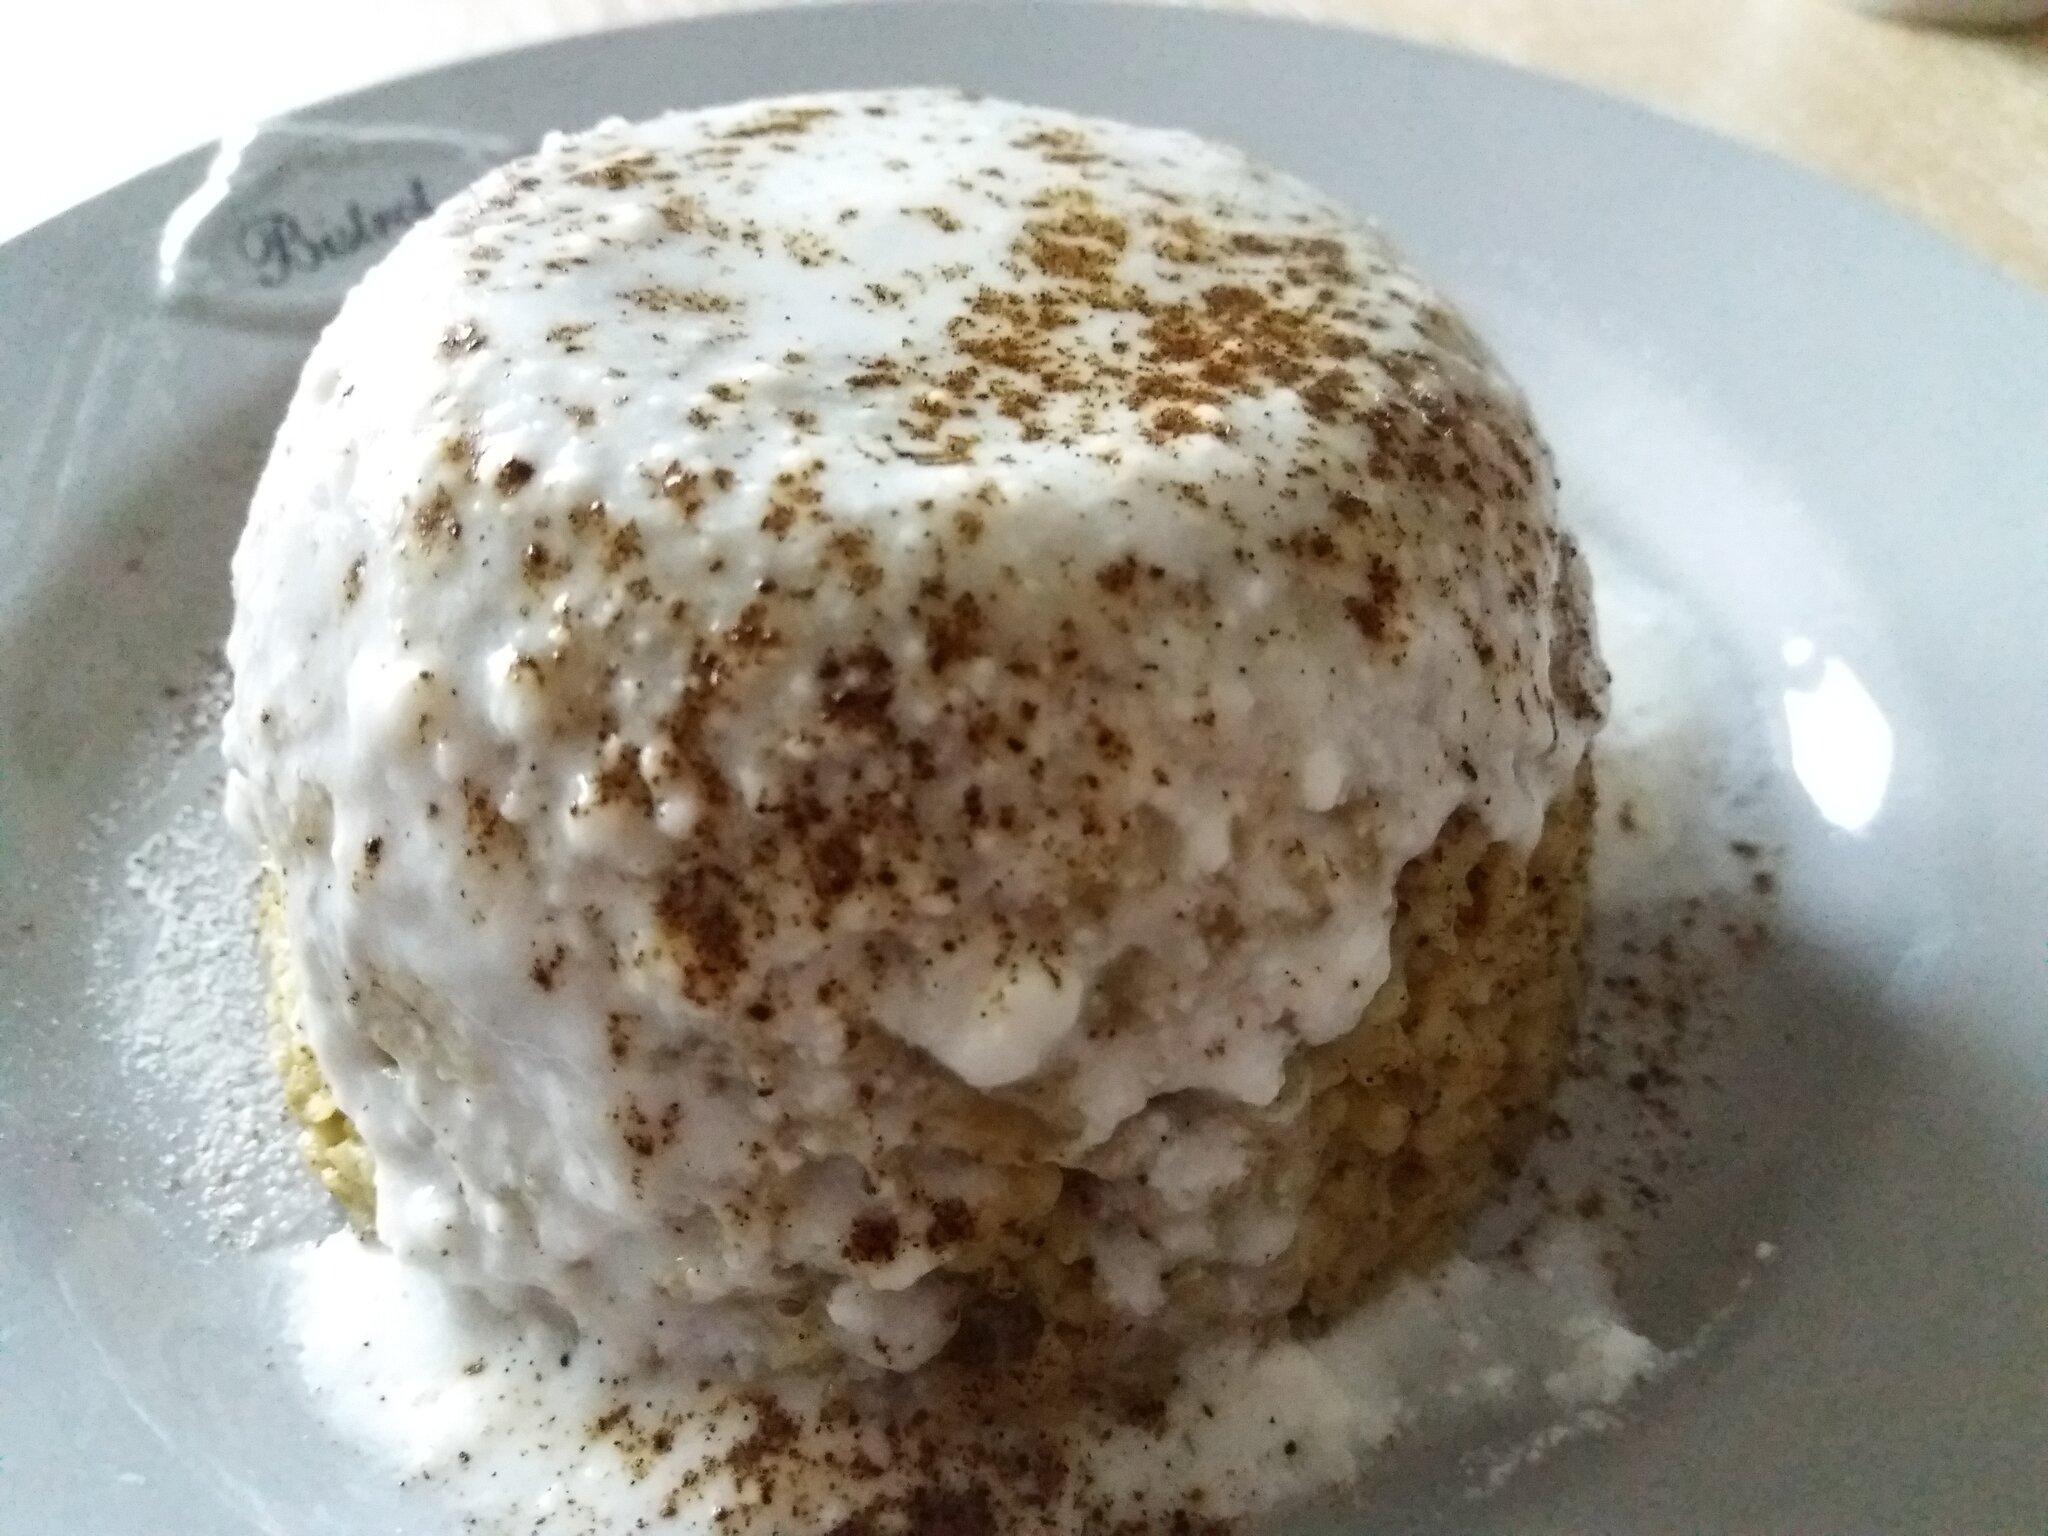 Nouvelle variante du bowlcake : tout vanille